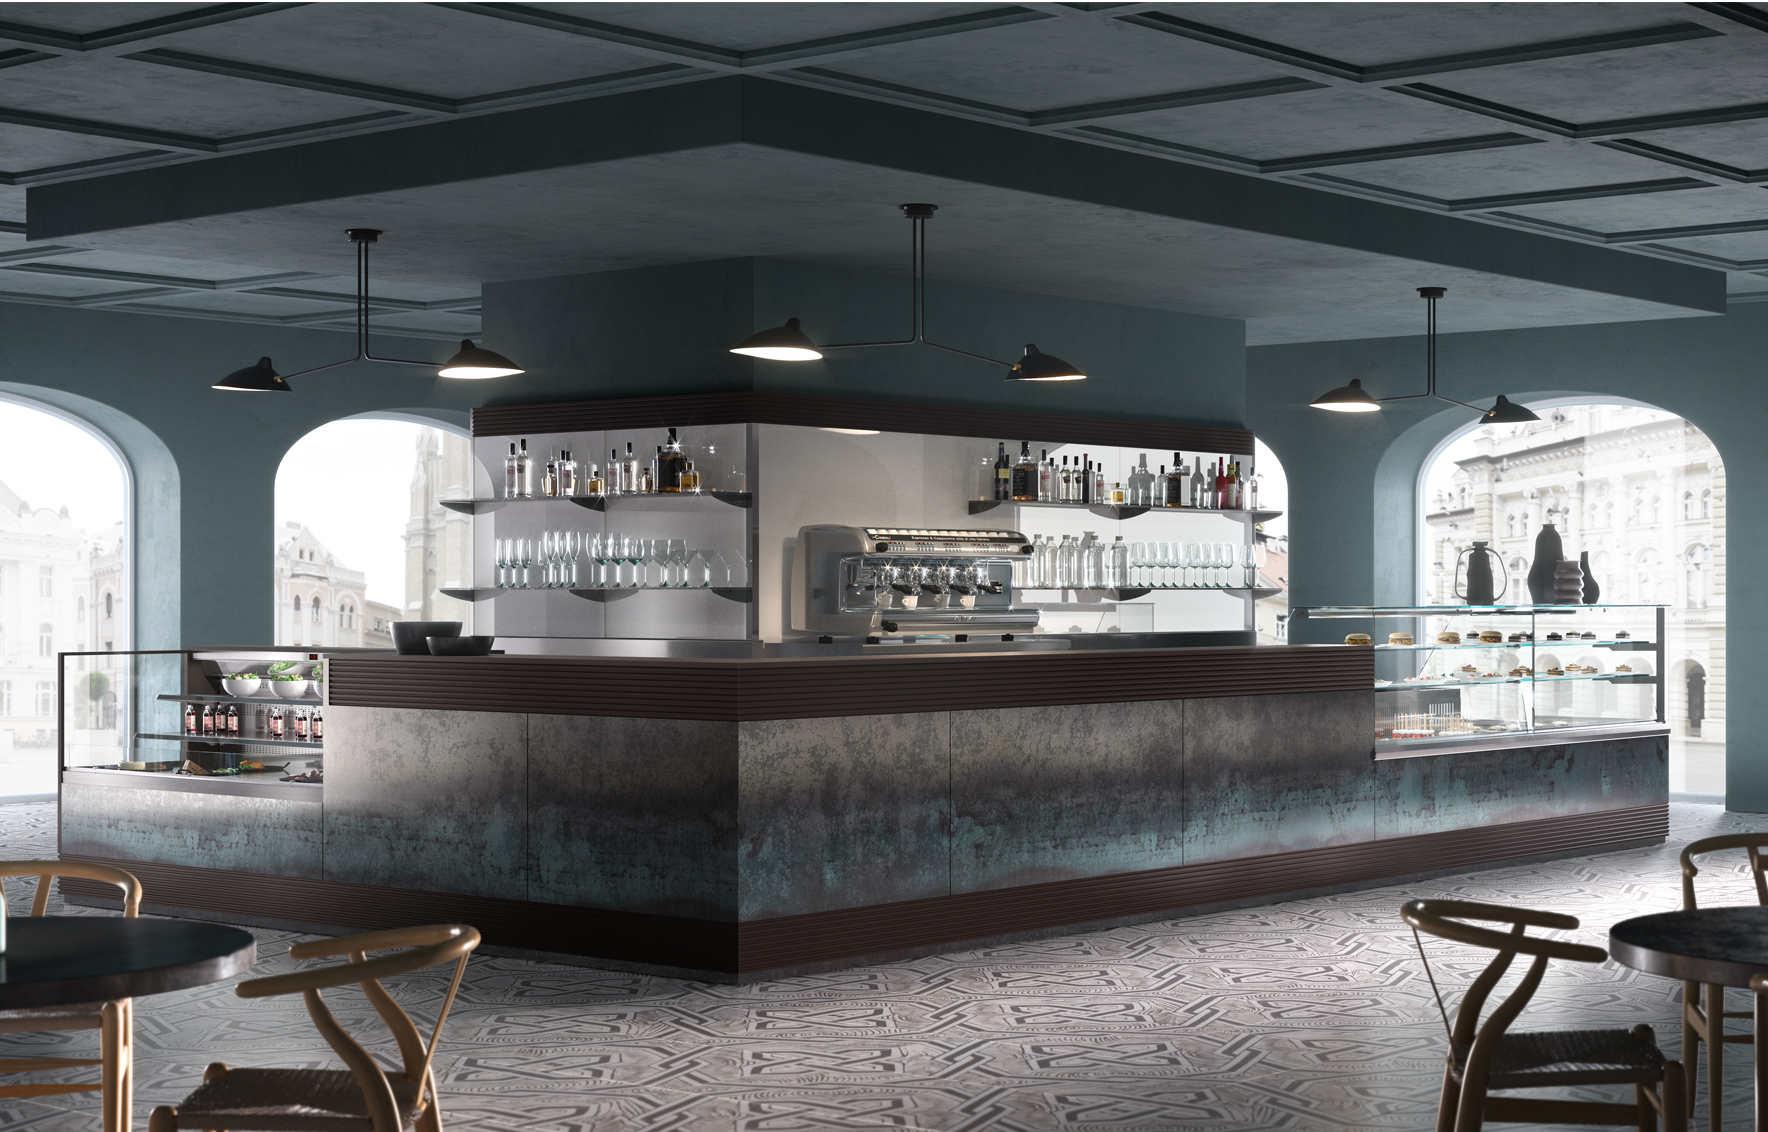 Bancone bar con rivestimento in Polyrey  dbanchibar